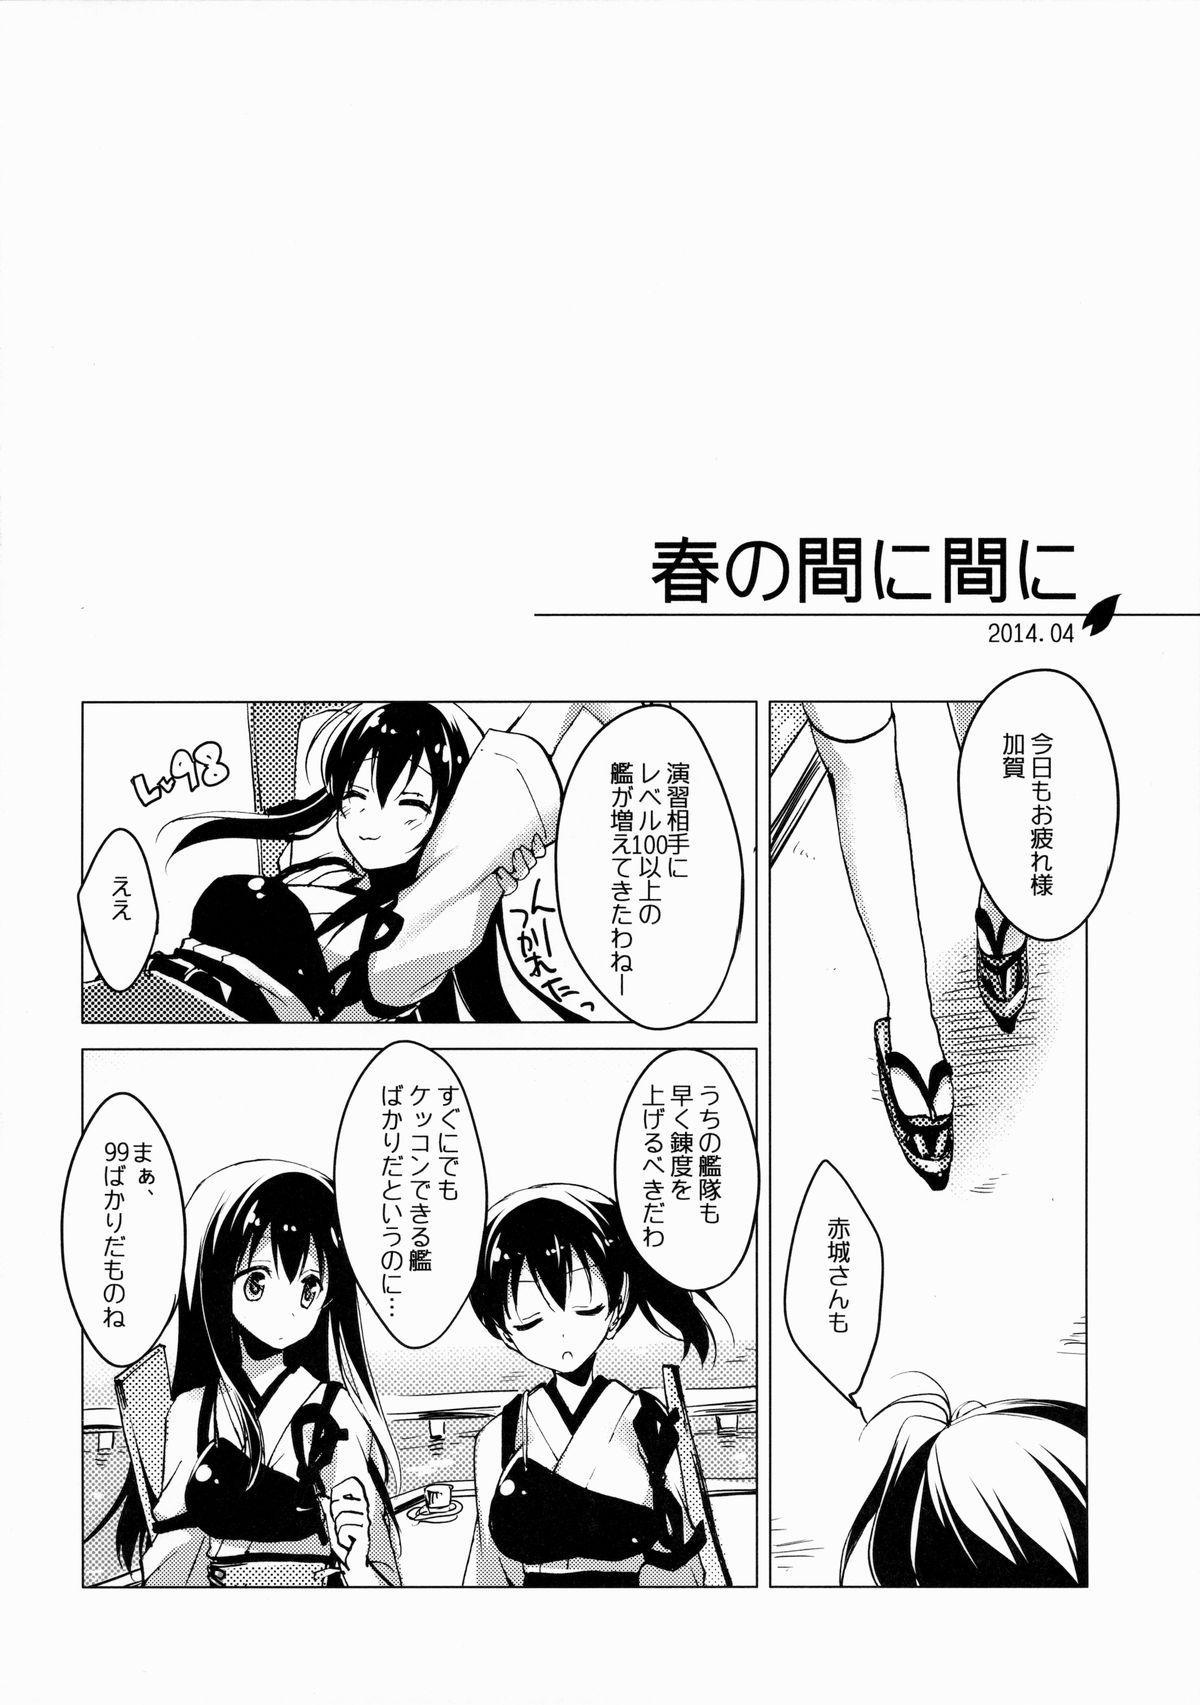 Haru no Mani Mani 6